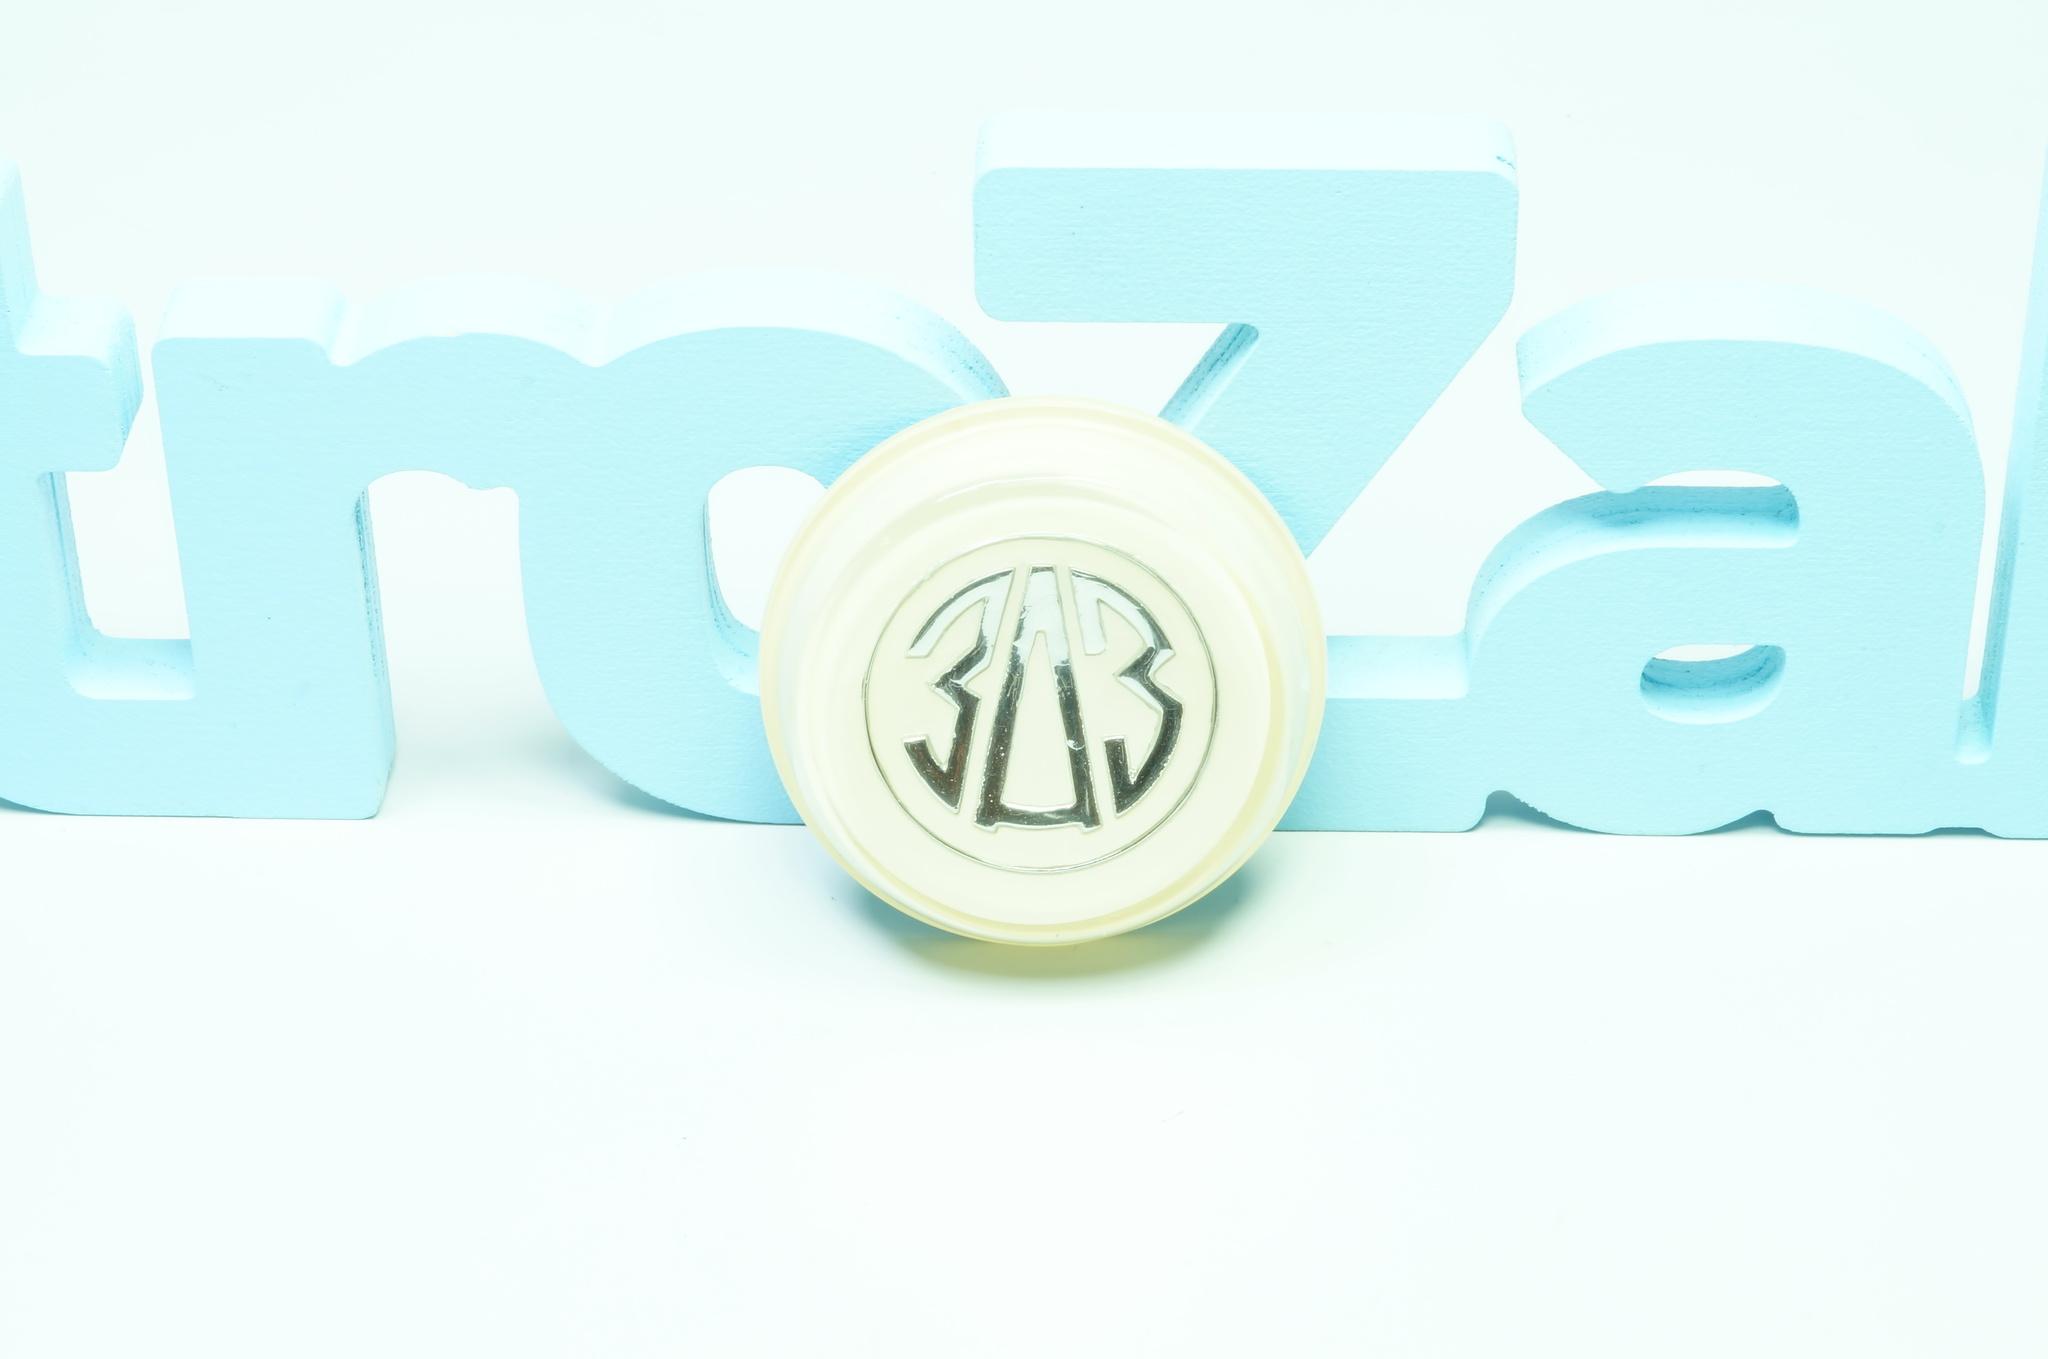 Эмблема руля Заз 965 Горбатый